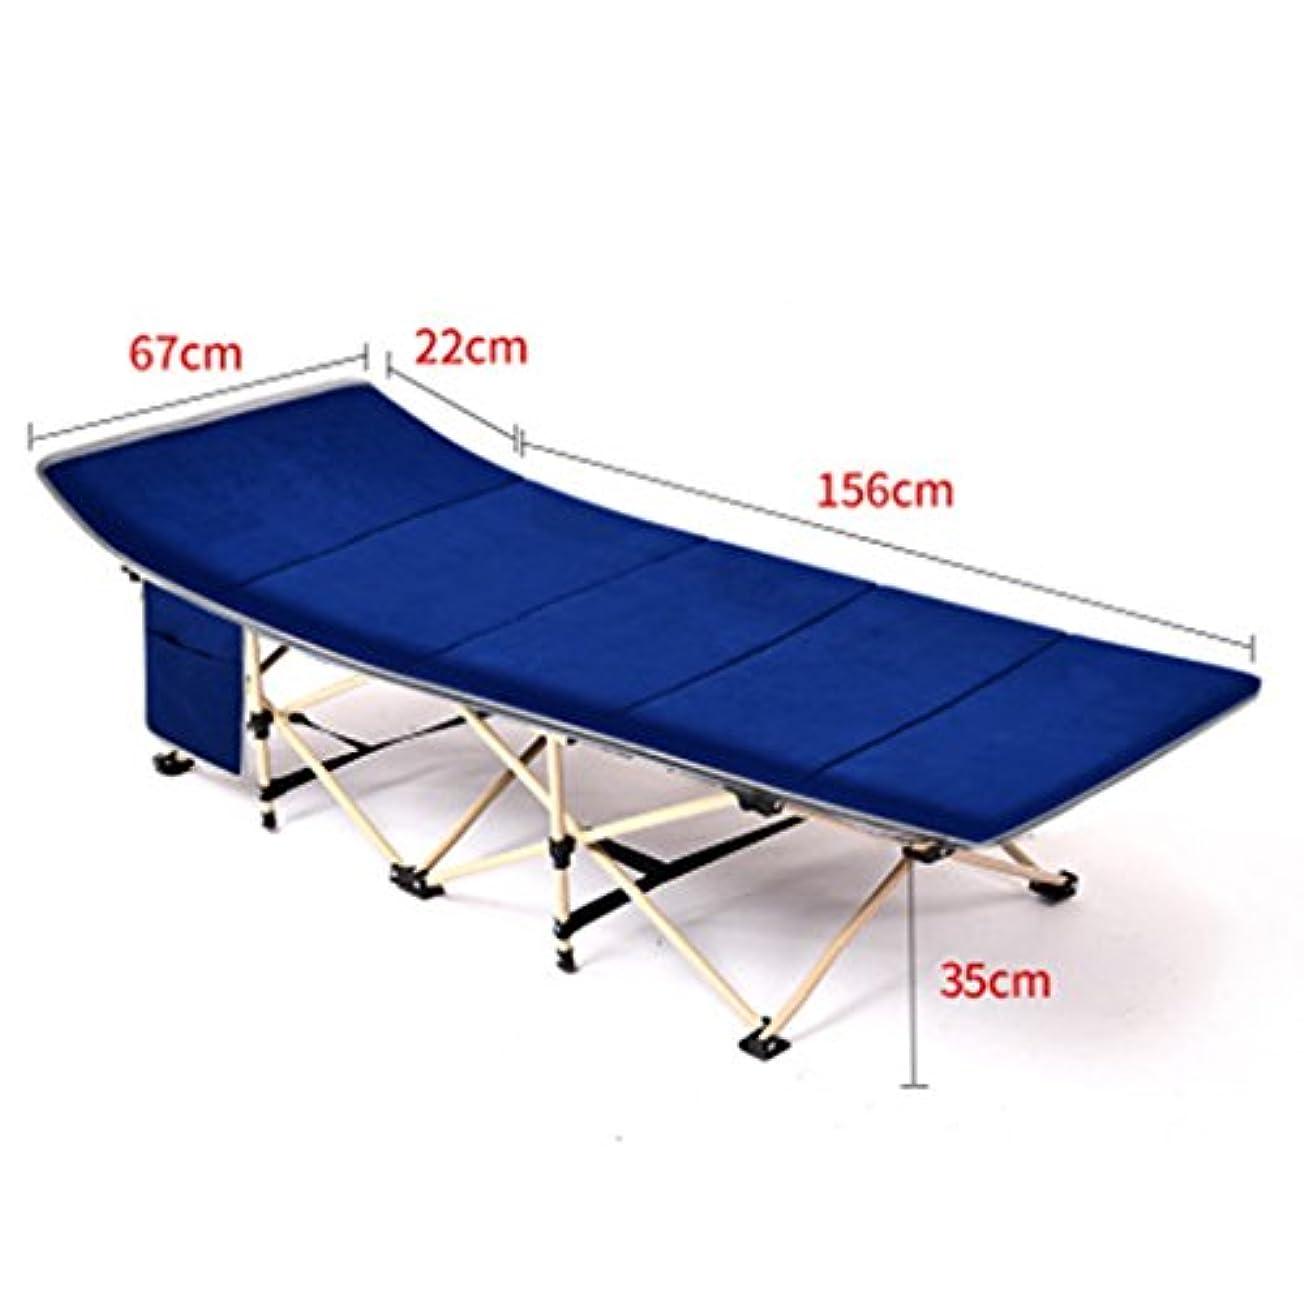 所持学校教育スクリーチ折りたたみ式ベッド 折り畳み式ベッドシングルベッドホームアダルトベッドシエスタラウンジチェアオフィスシンプルベッドマーチングエスコート178 * 67 * 35センチメートル (Color : Blue)